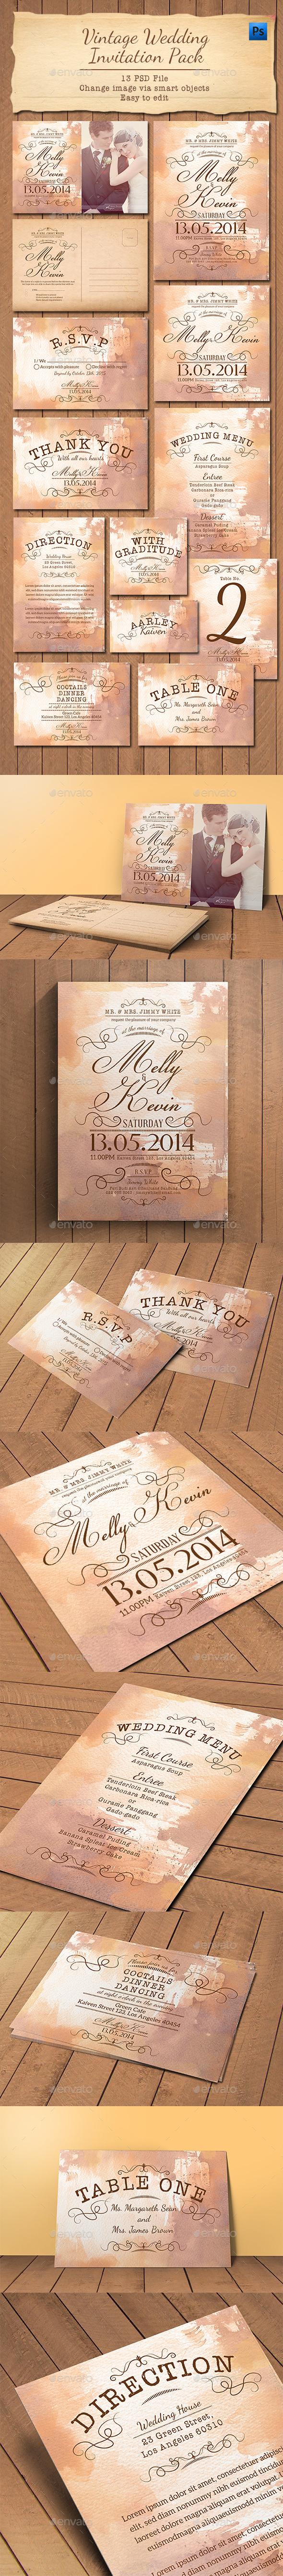 Vintage Wedding Invitation Pack